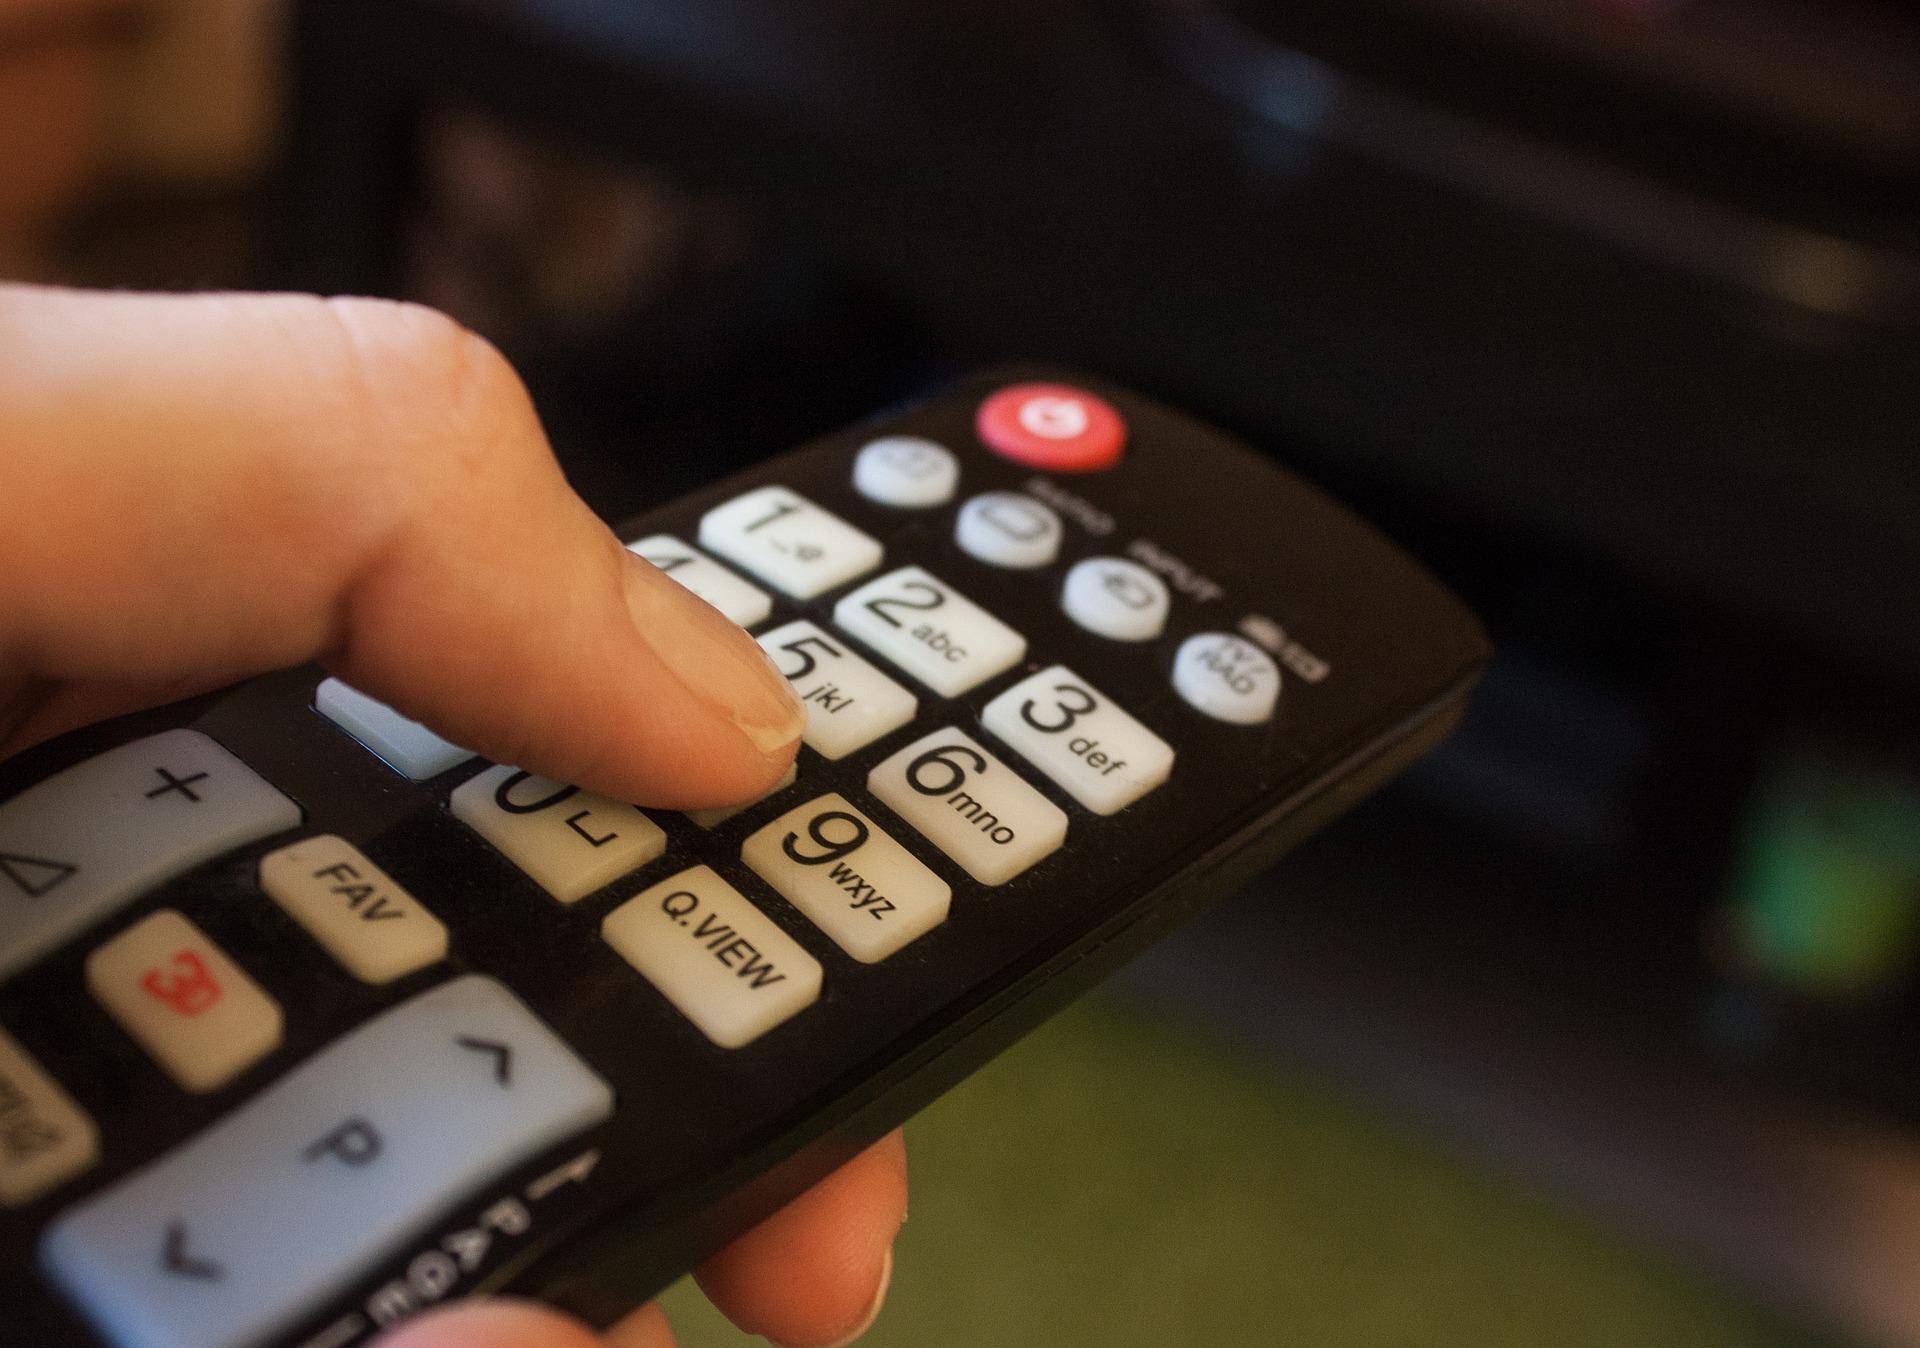 В Роскомнадзоре выбрали «22 кнопку» в Чебоксарах, Липецке и Калининграде 1